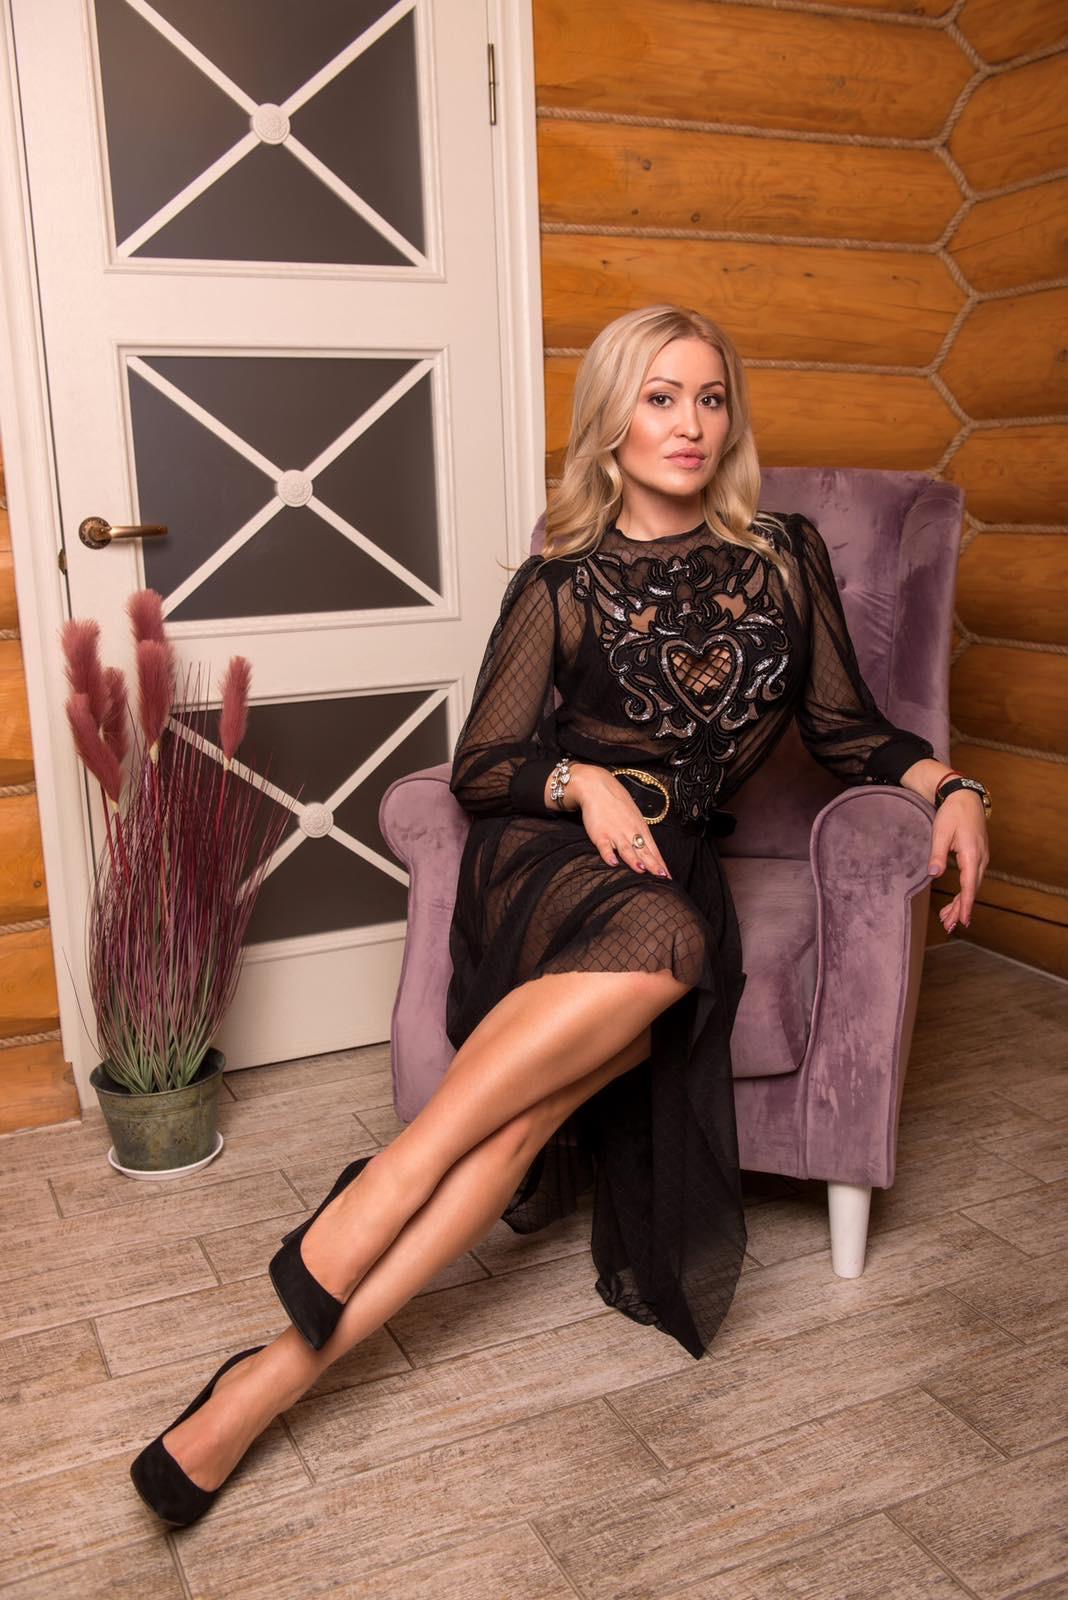 Viktorija ID 180 37 y.o. - Marriage agency Milana